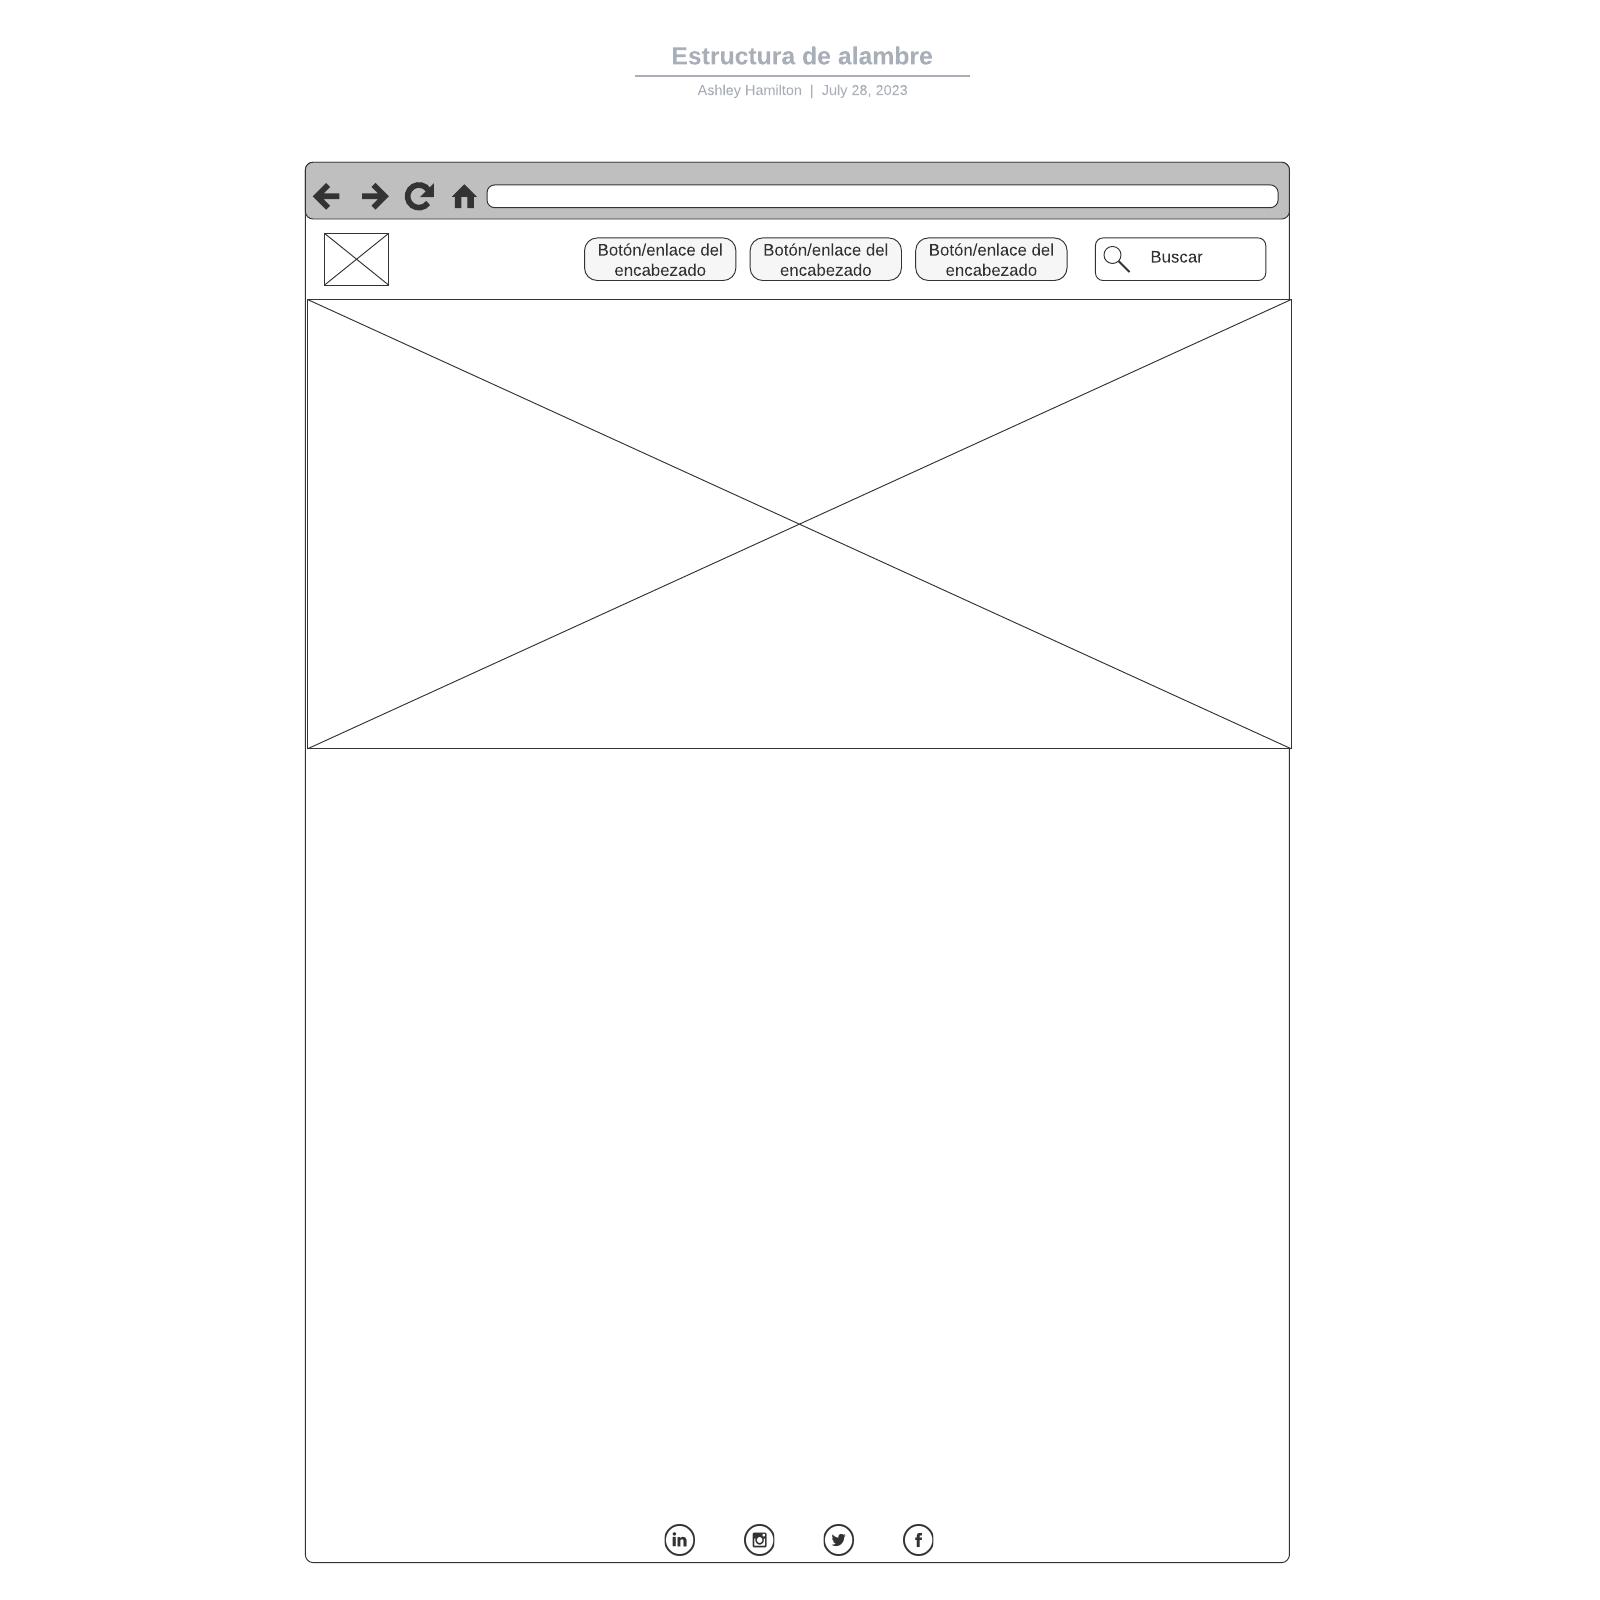 Estructura de alambre